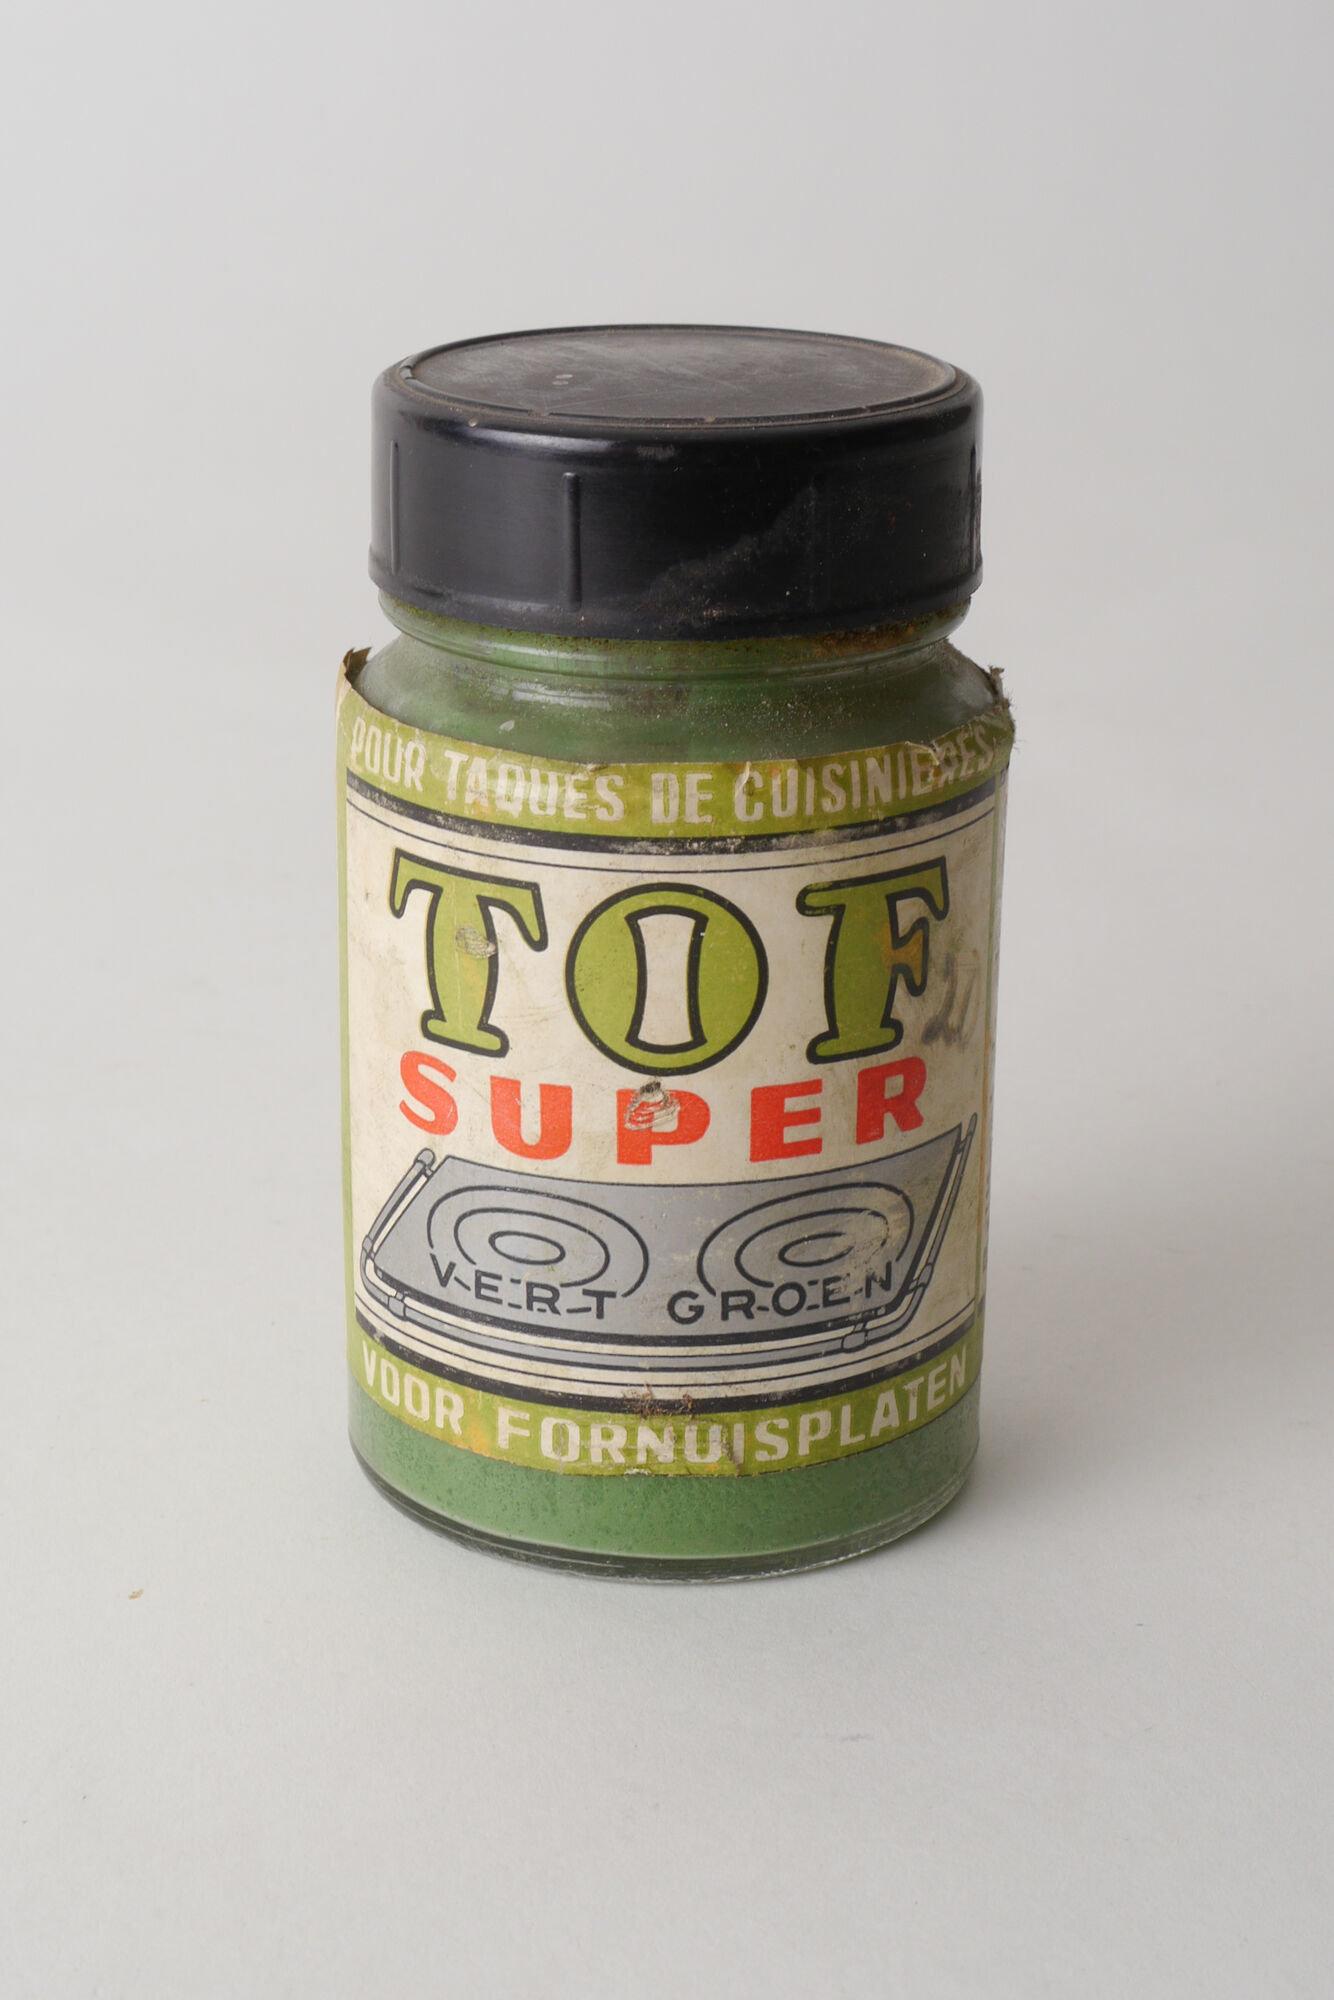 Schuurpoeder van het merk Tof in glazen pot